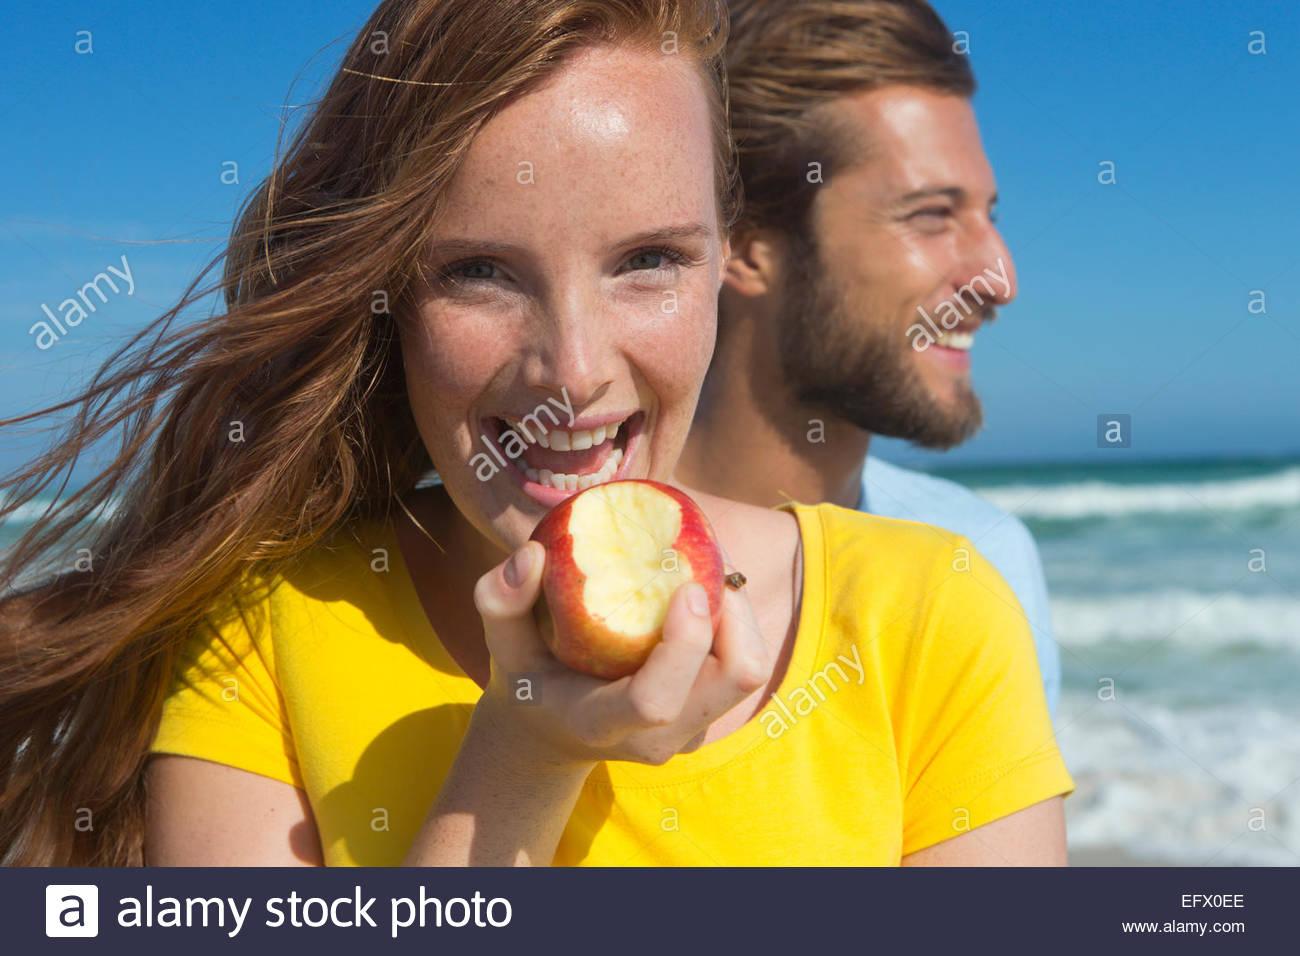 Pareja sonriente en sunny beach, con mujer sosteniendo una manzana con una mordida fuera de ella Imagen De Stock